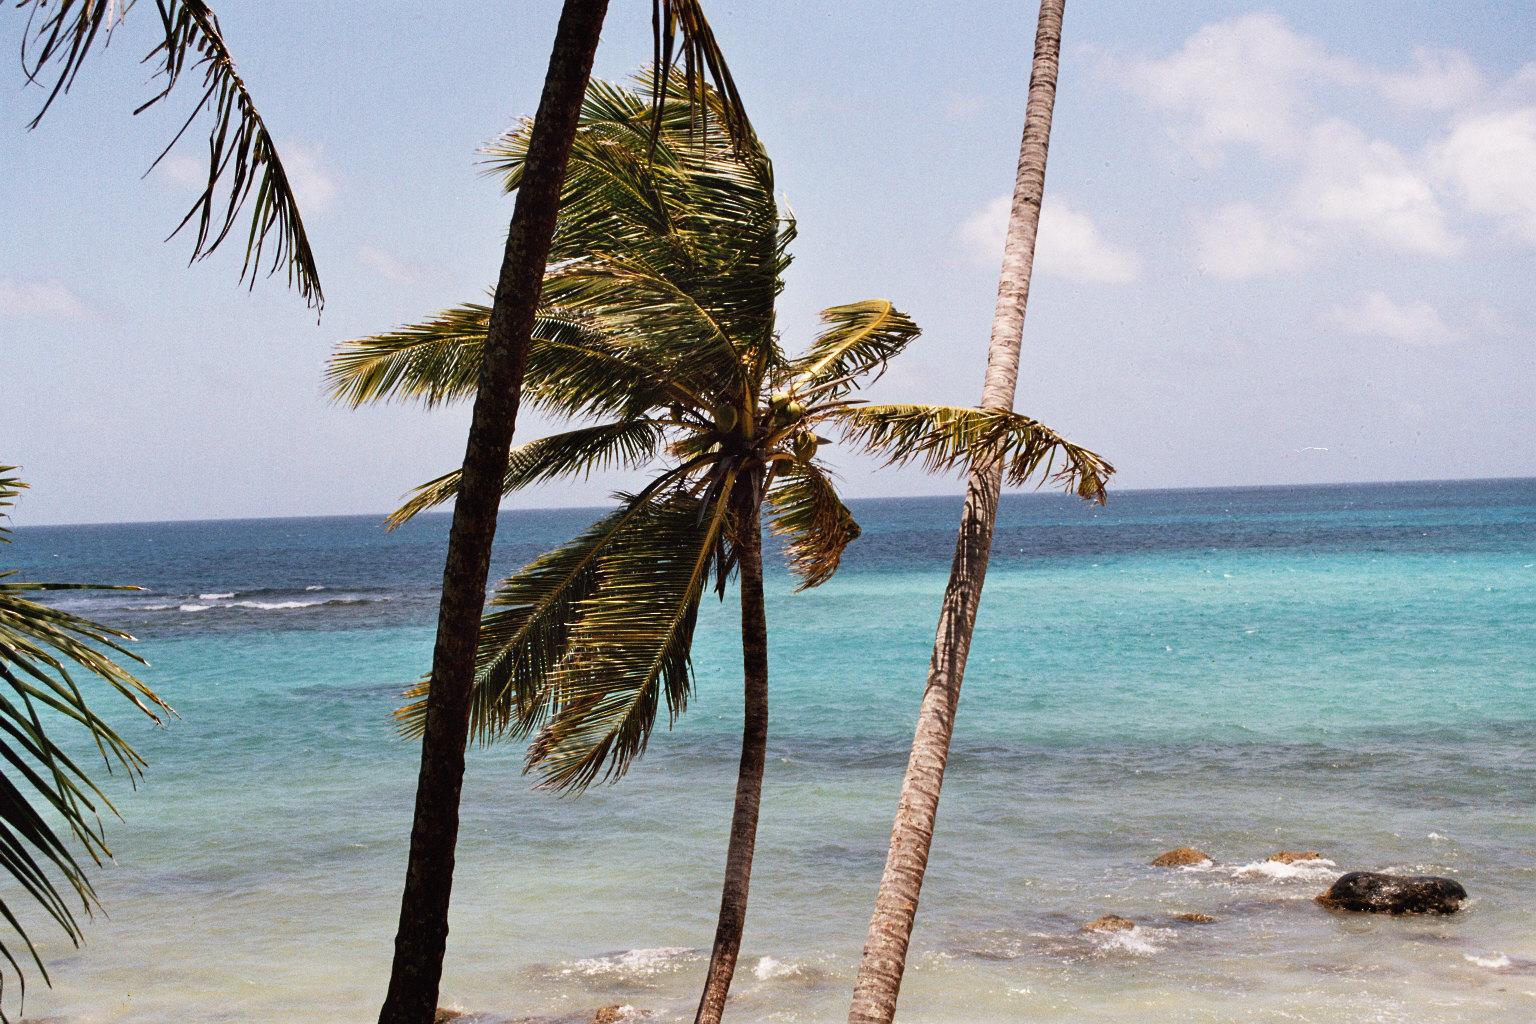 Palmen auf Corn Island, Quelle: WikiComons, Foto by Tabea Huth, Tabea_Huth*at*web.de